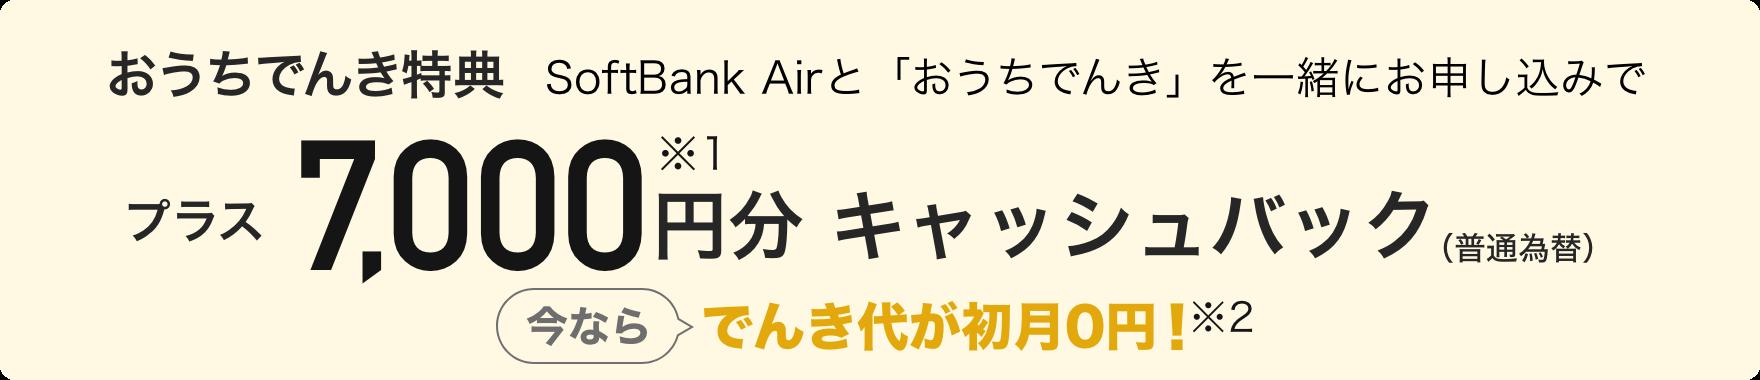 おうちでんき特典 SoftBank Airと「おうちでんき」を一緒にお申し込みで プラス7,000円分※1キャッシュバック(普通為替) 今ならでんき代が初月0円! ※2